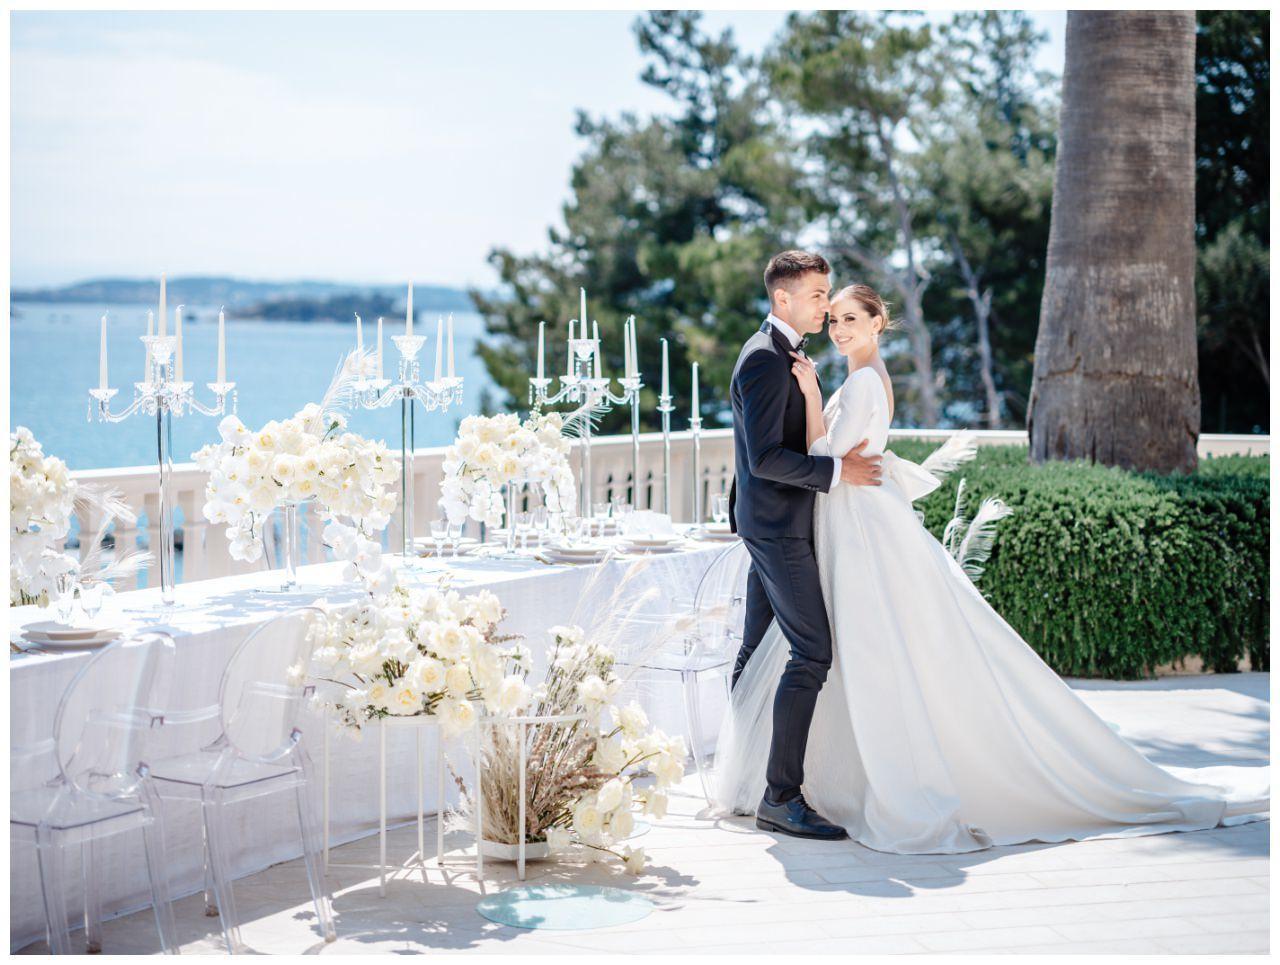 Hochzeit Kroatien Hochzeitsplanung Hochzeitsplaner Fotograf 27 - Luxuriöse Hochzeit in Weiß